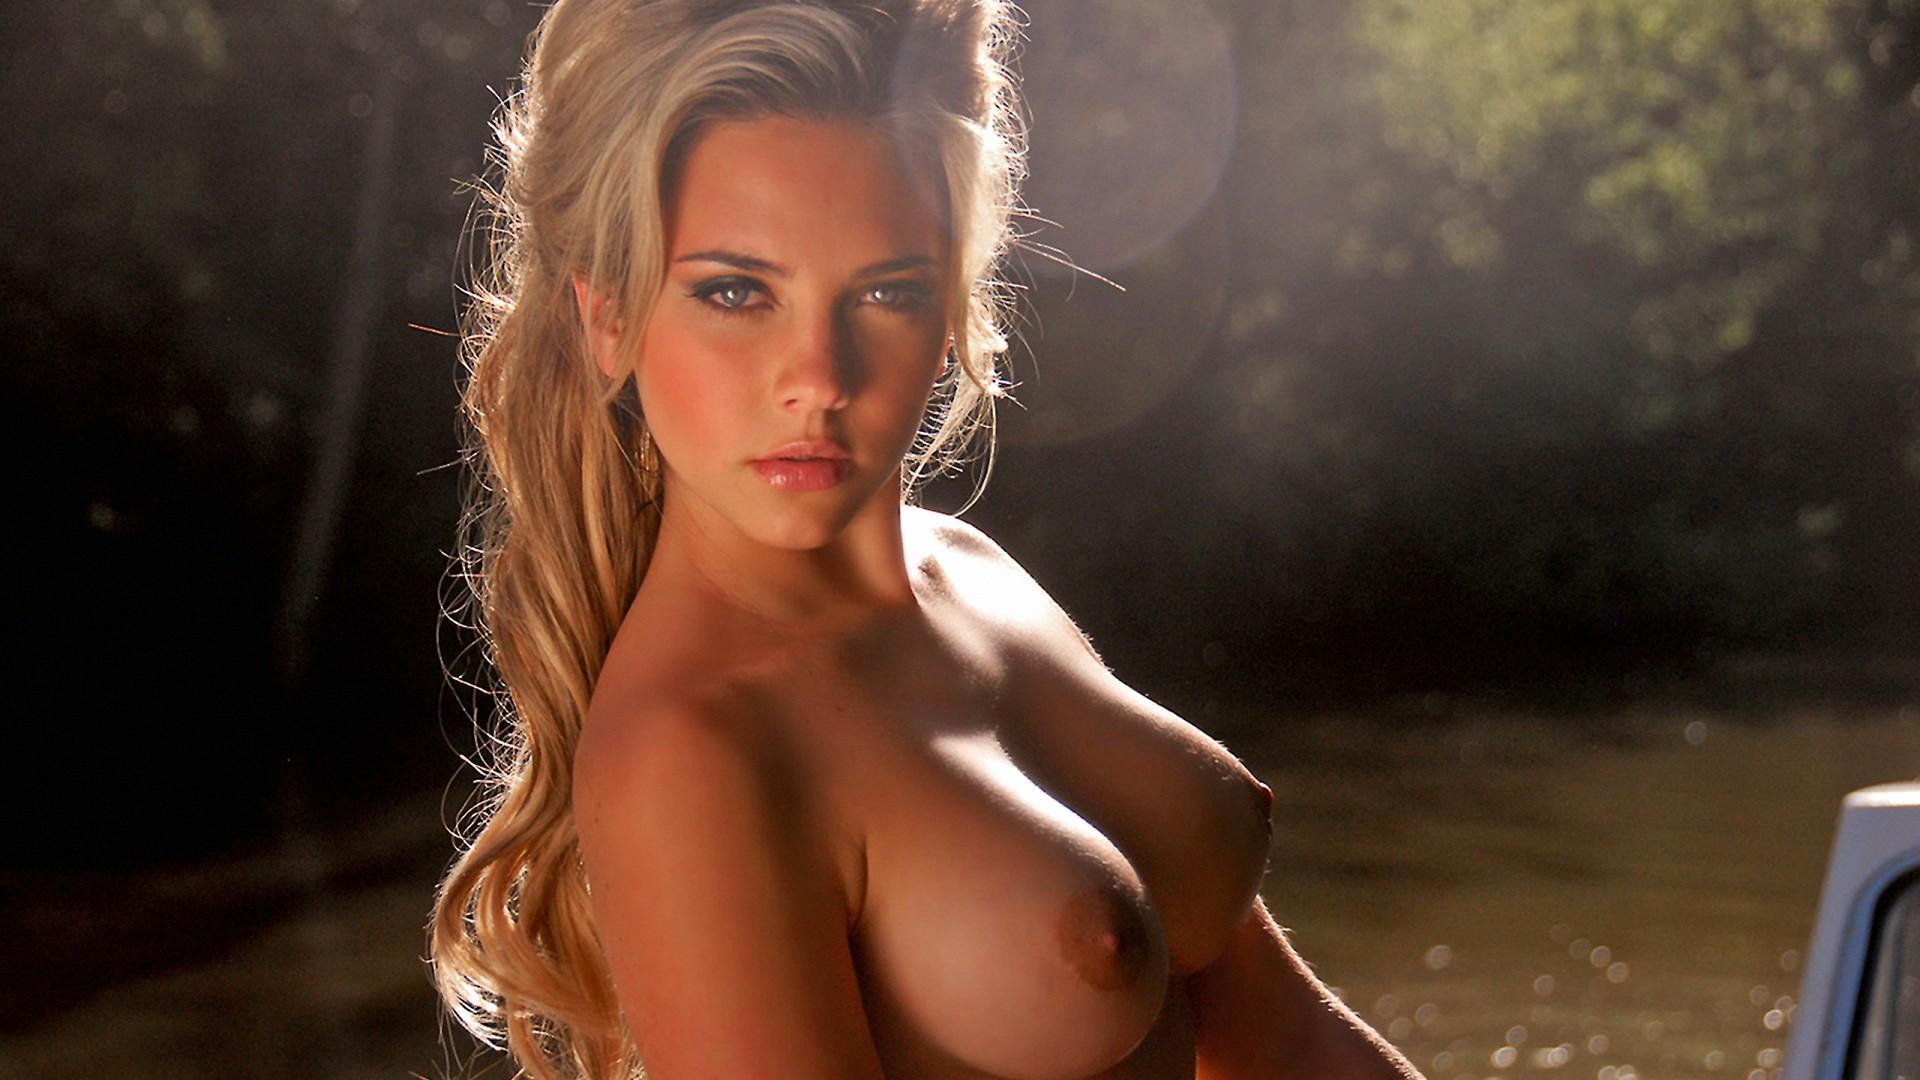 Эрофото зарубежных актрис, Порно фото со знаменитостями, зарубежные звезды 10 фотография